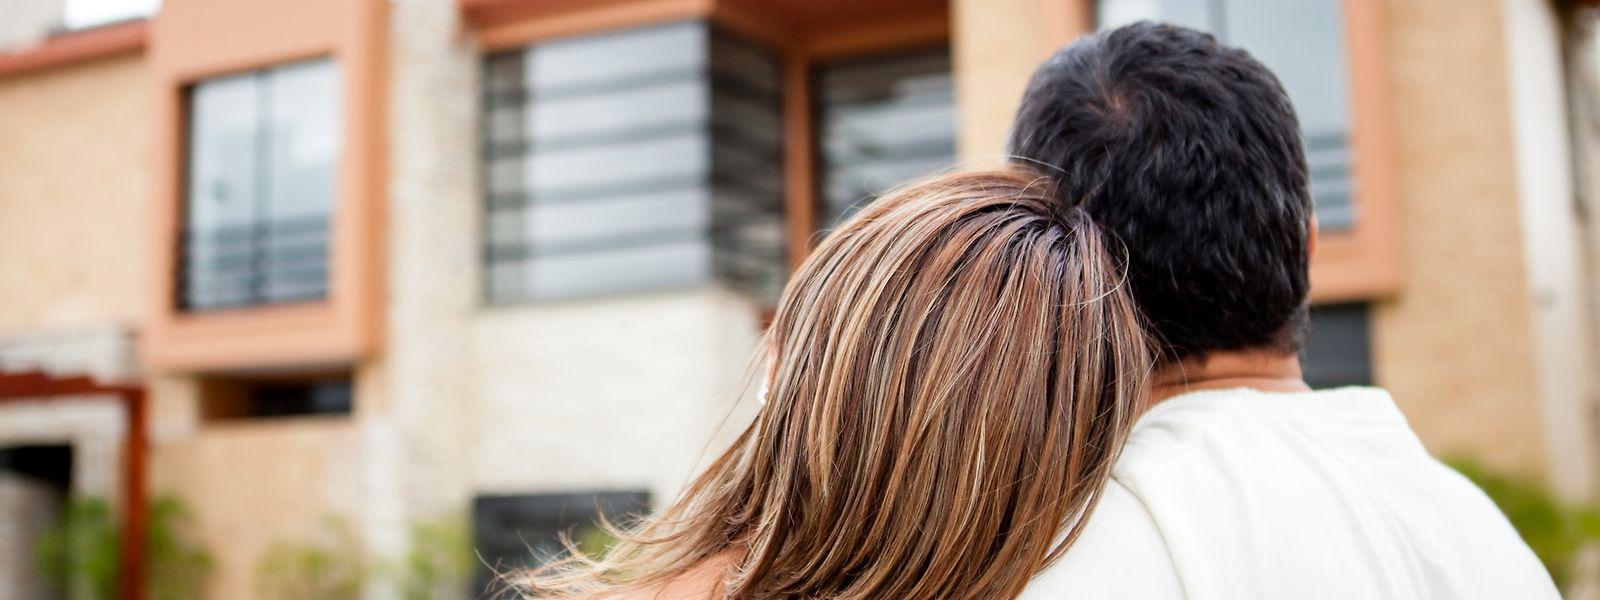 Chaque année, environ 7.000 transactions immobilières sont conclues au Grand-Duché.